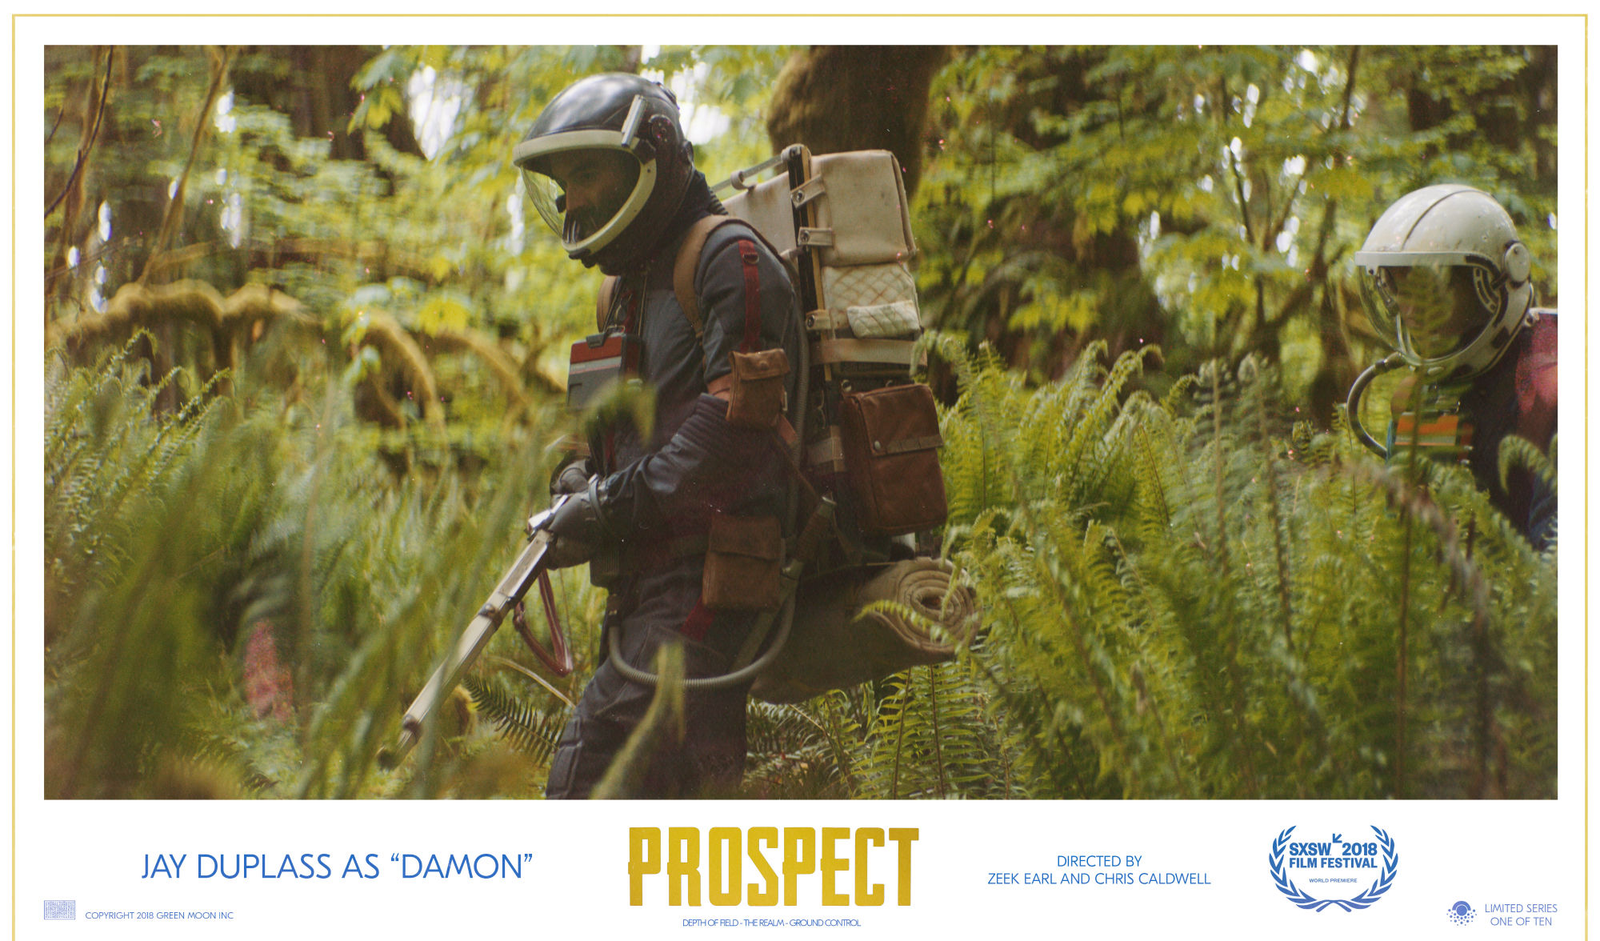 Jay Duplass as Damon in Prospect.